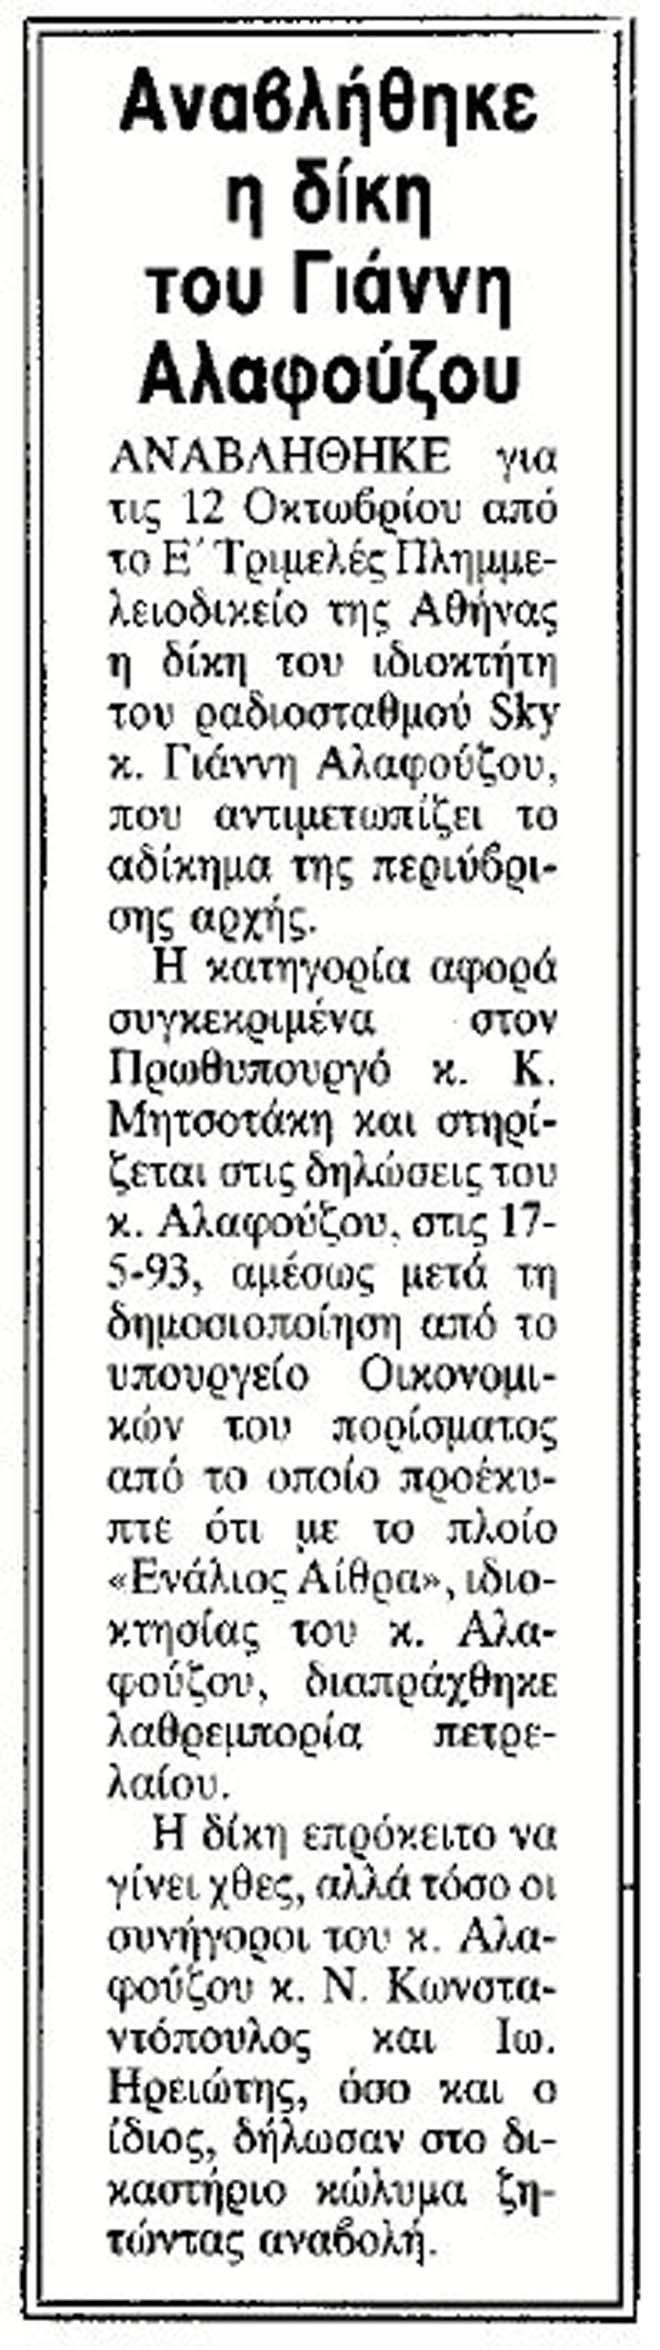 Βρὲ Ζωή... Τί ἀκριβῶς ἔχεις μέ τόν ΣΚΑΙ;102